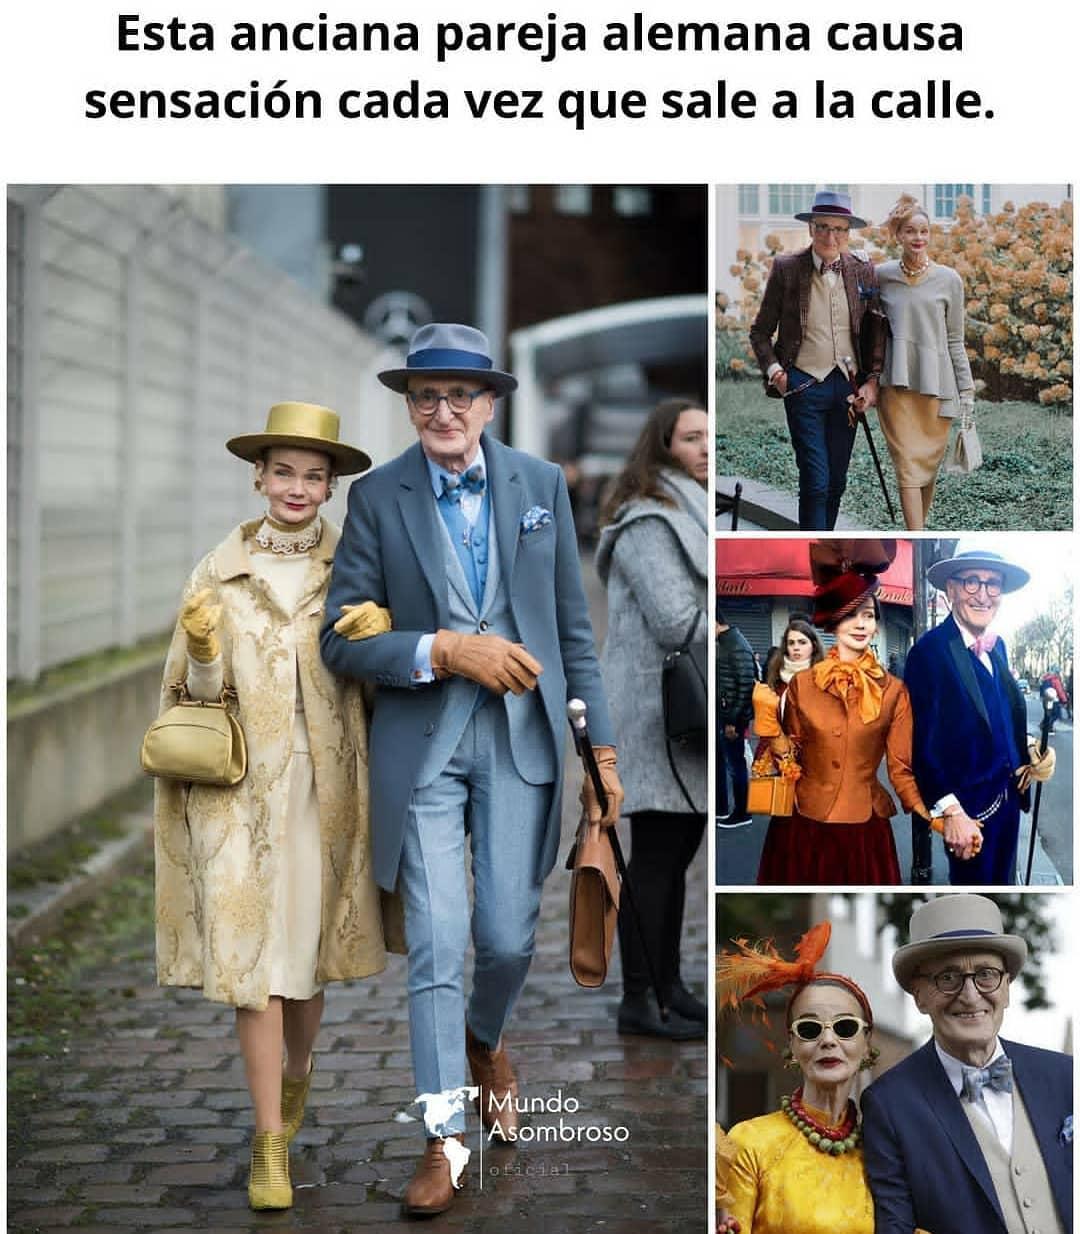 Esta anciana pareja alemana causa sensación cada vez que sale a la calle.